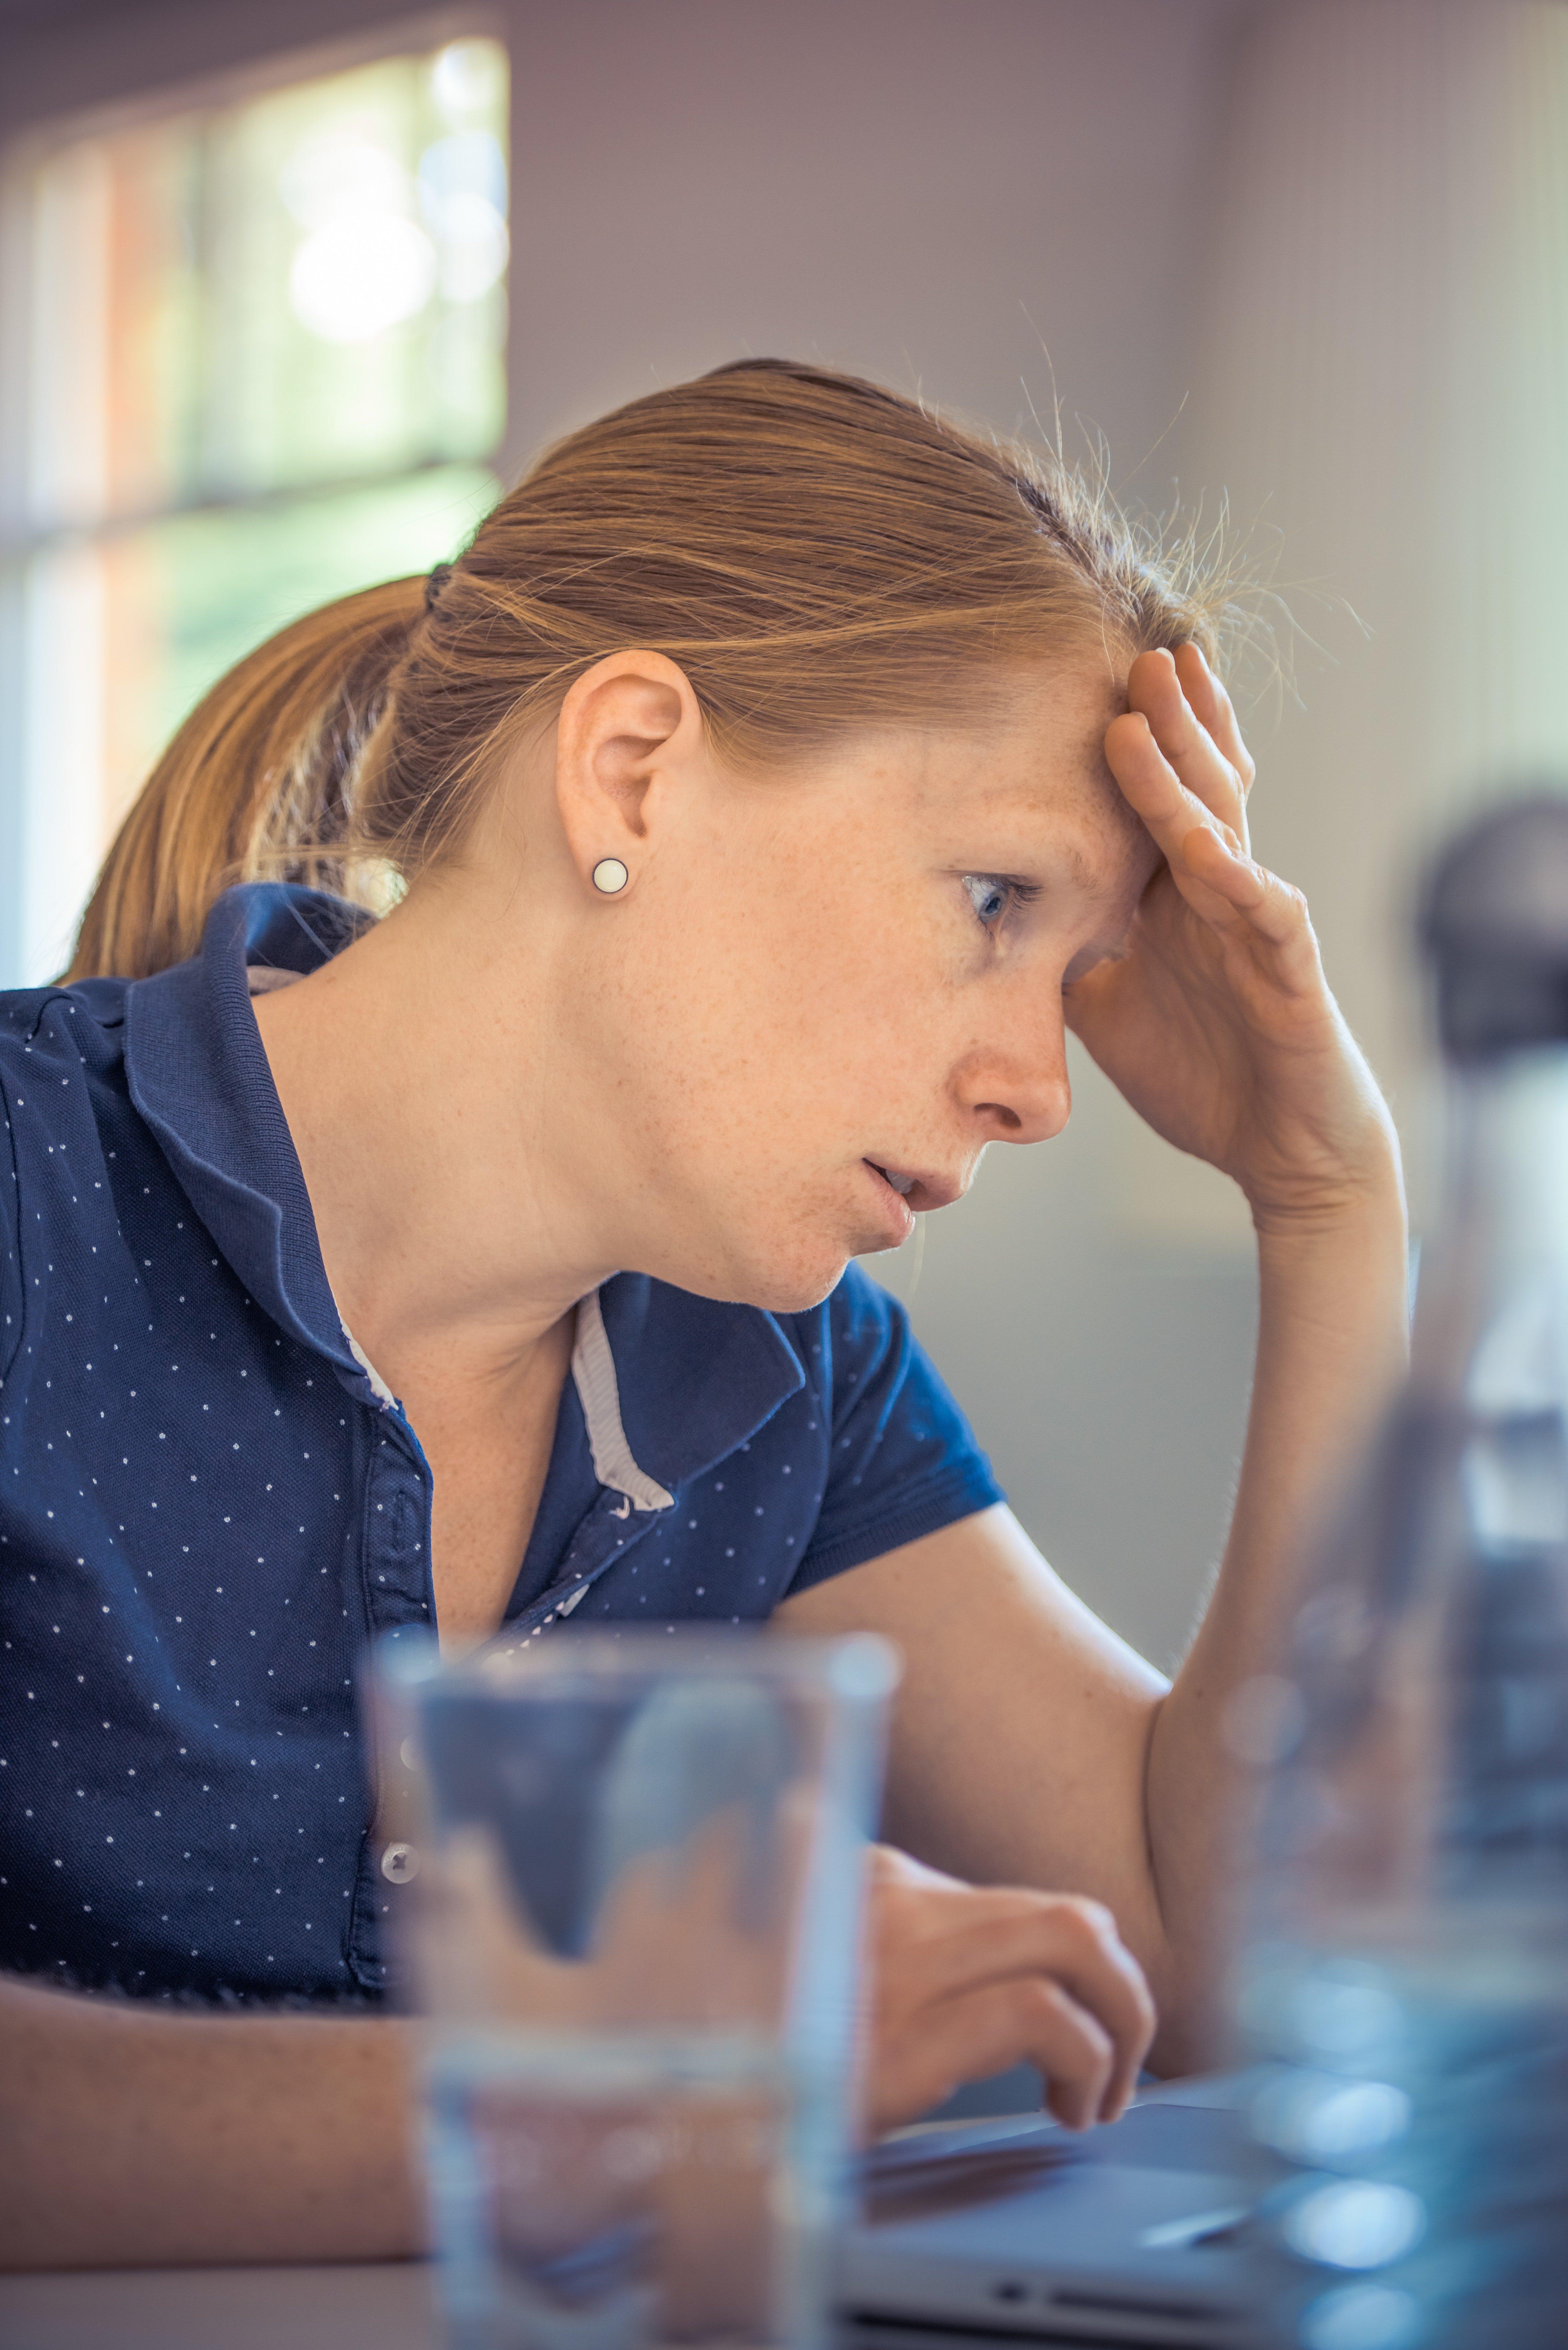 Une femme inquiète. | Photo : Pexels